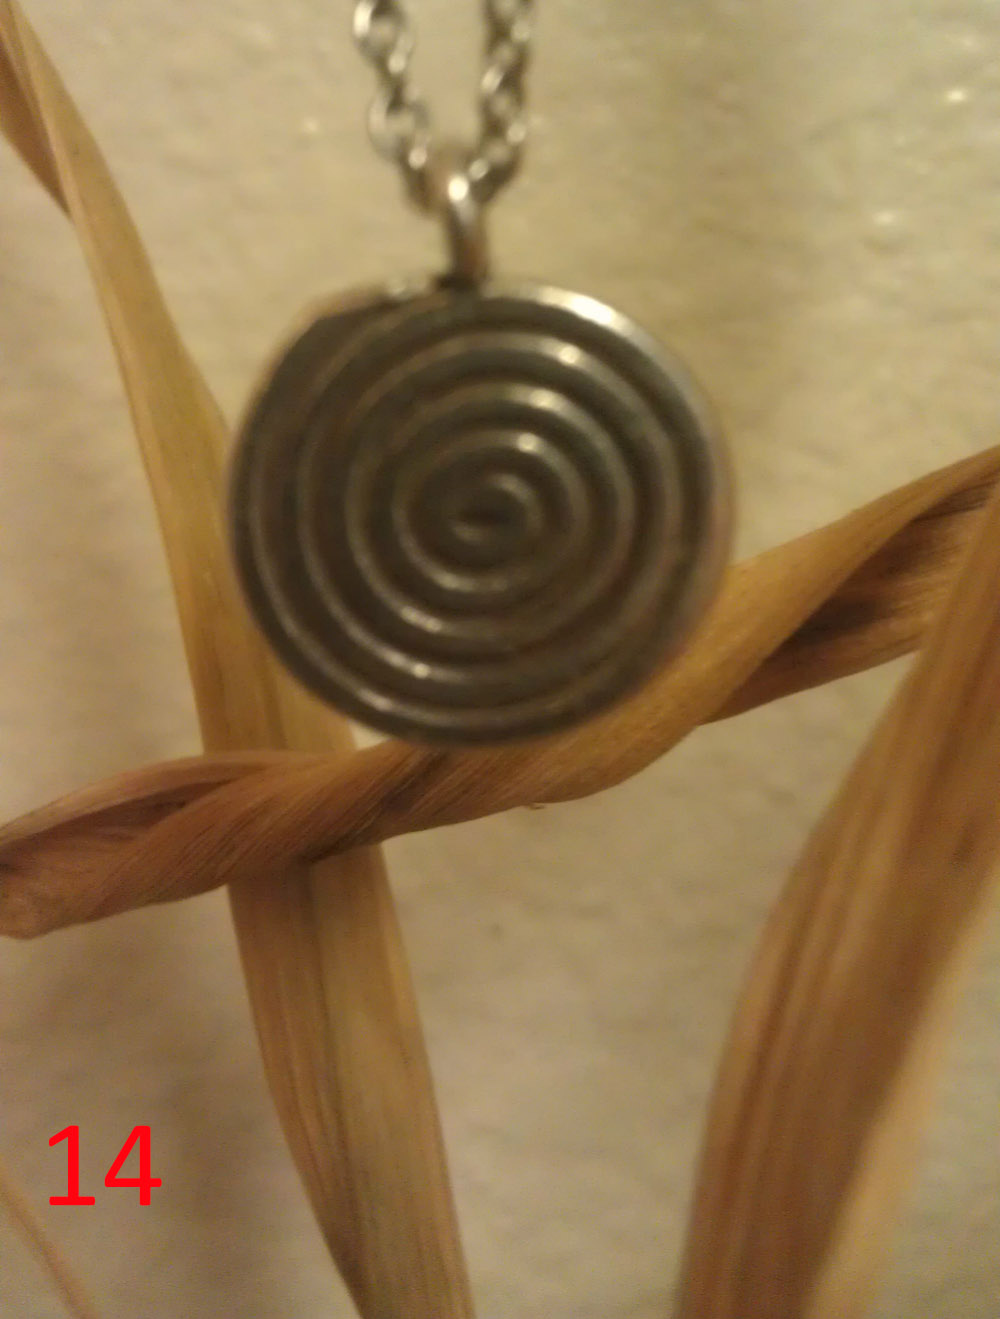 14 spiral.jpg